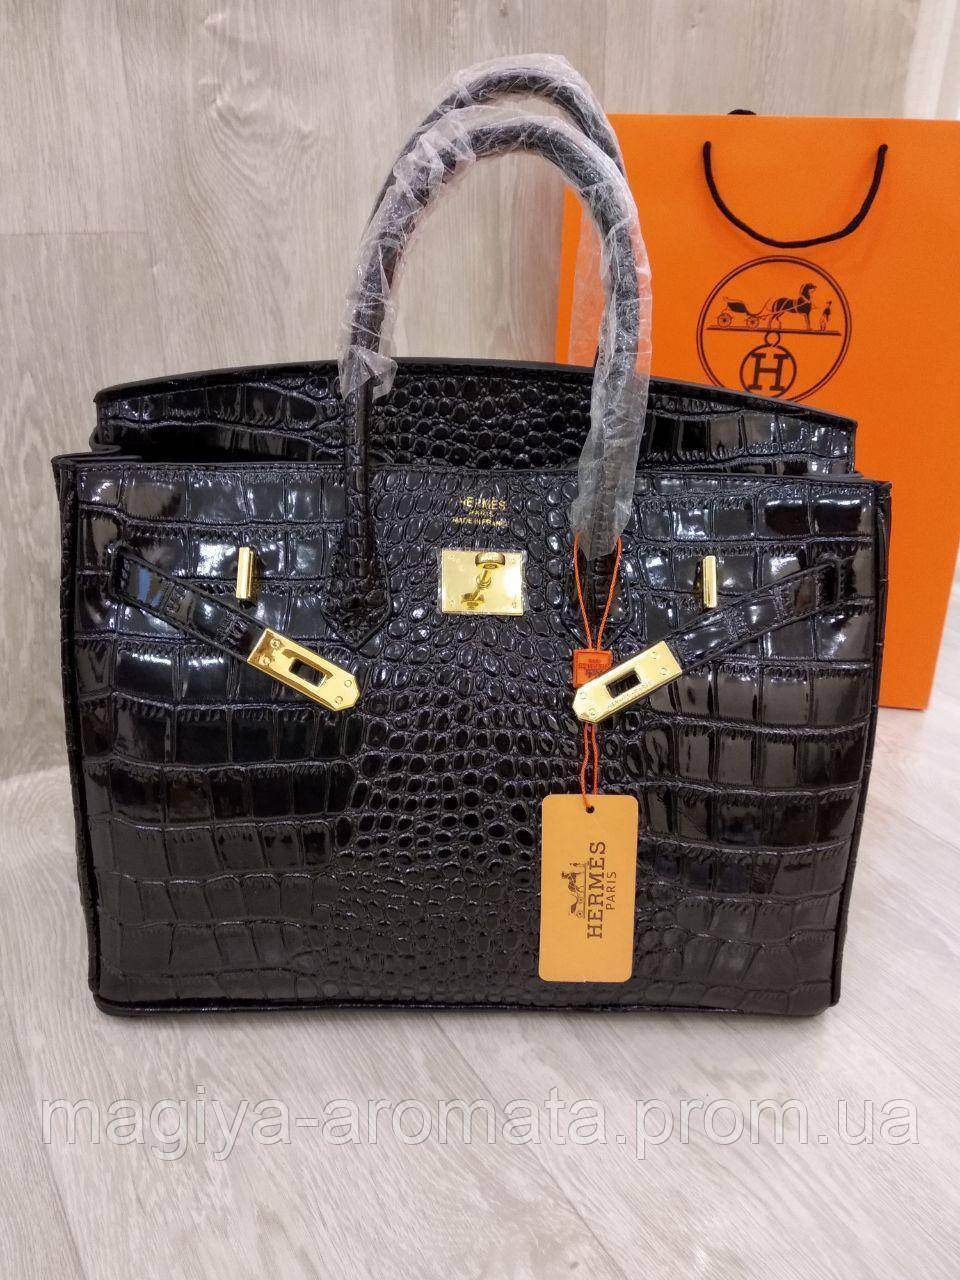 beb9d558958f Женская сумка Hermes Birkin 35 см черная рептилия крокодил Original quality  Гермес Биркин Эрме